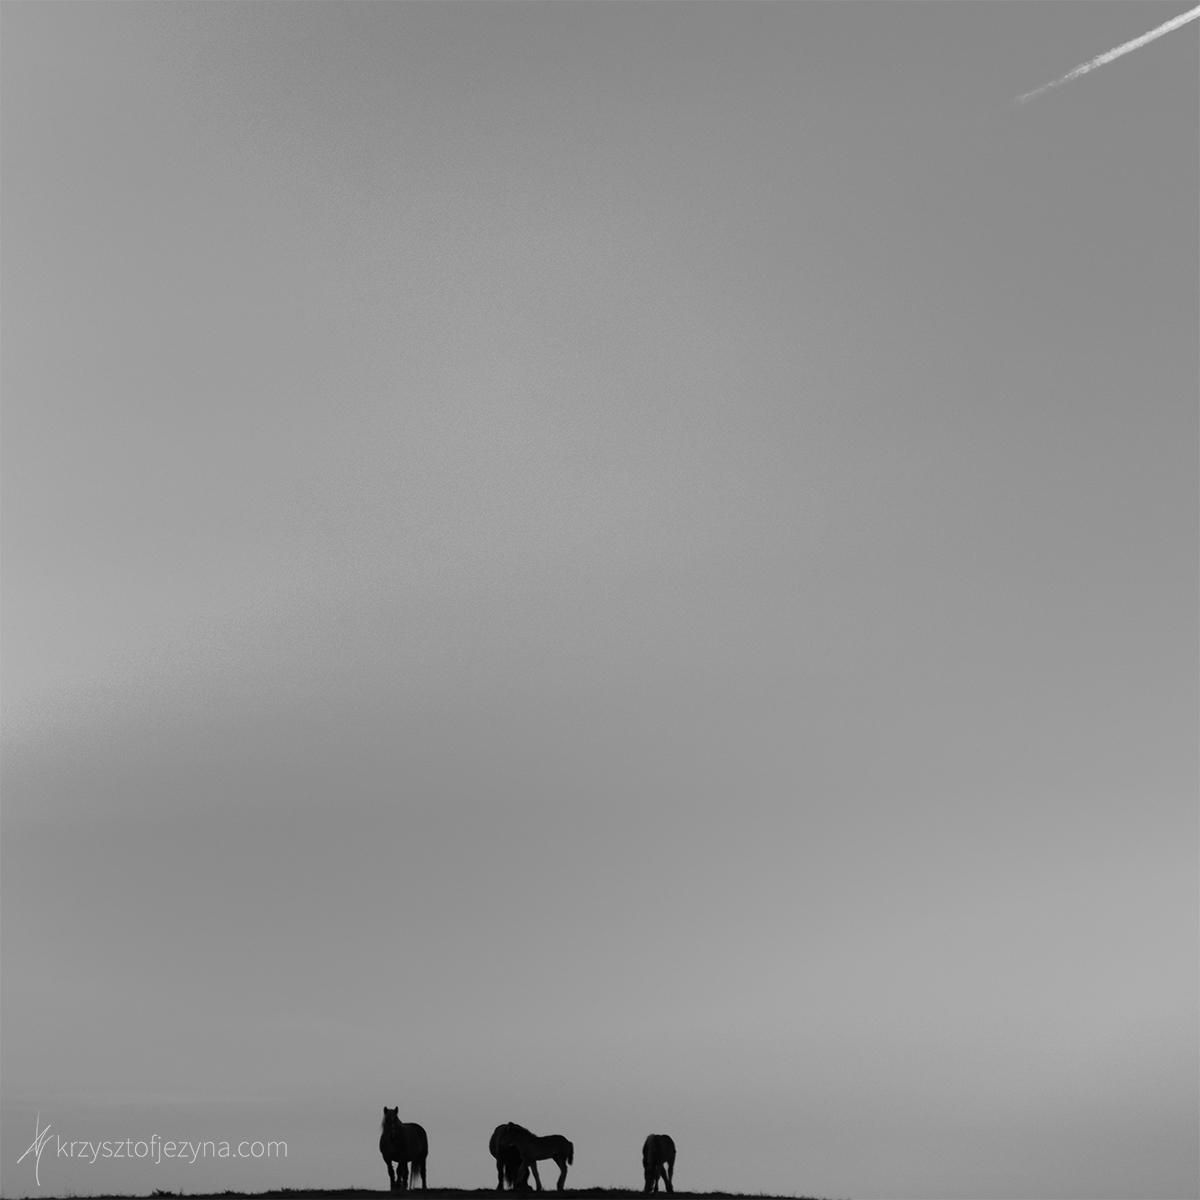 Fotografia minimalistyczna Krzysztof Jeżyna 05